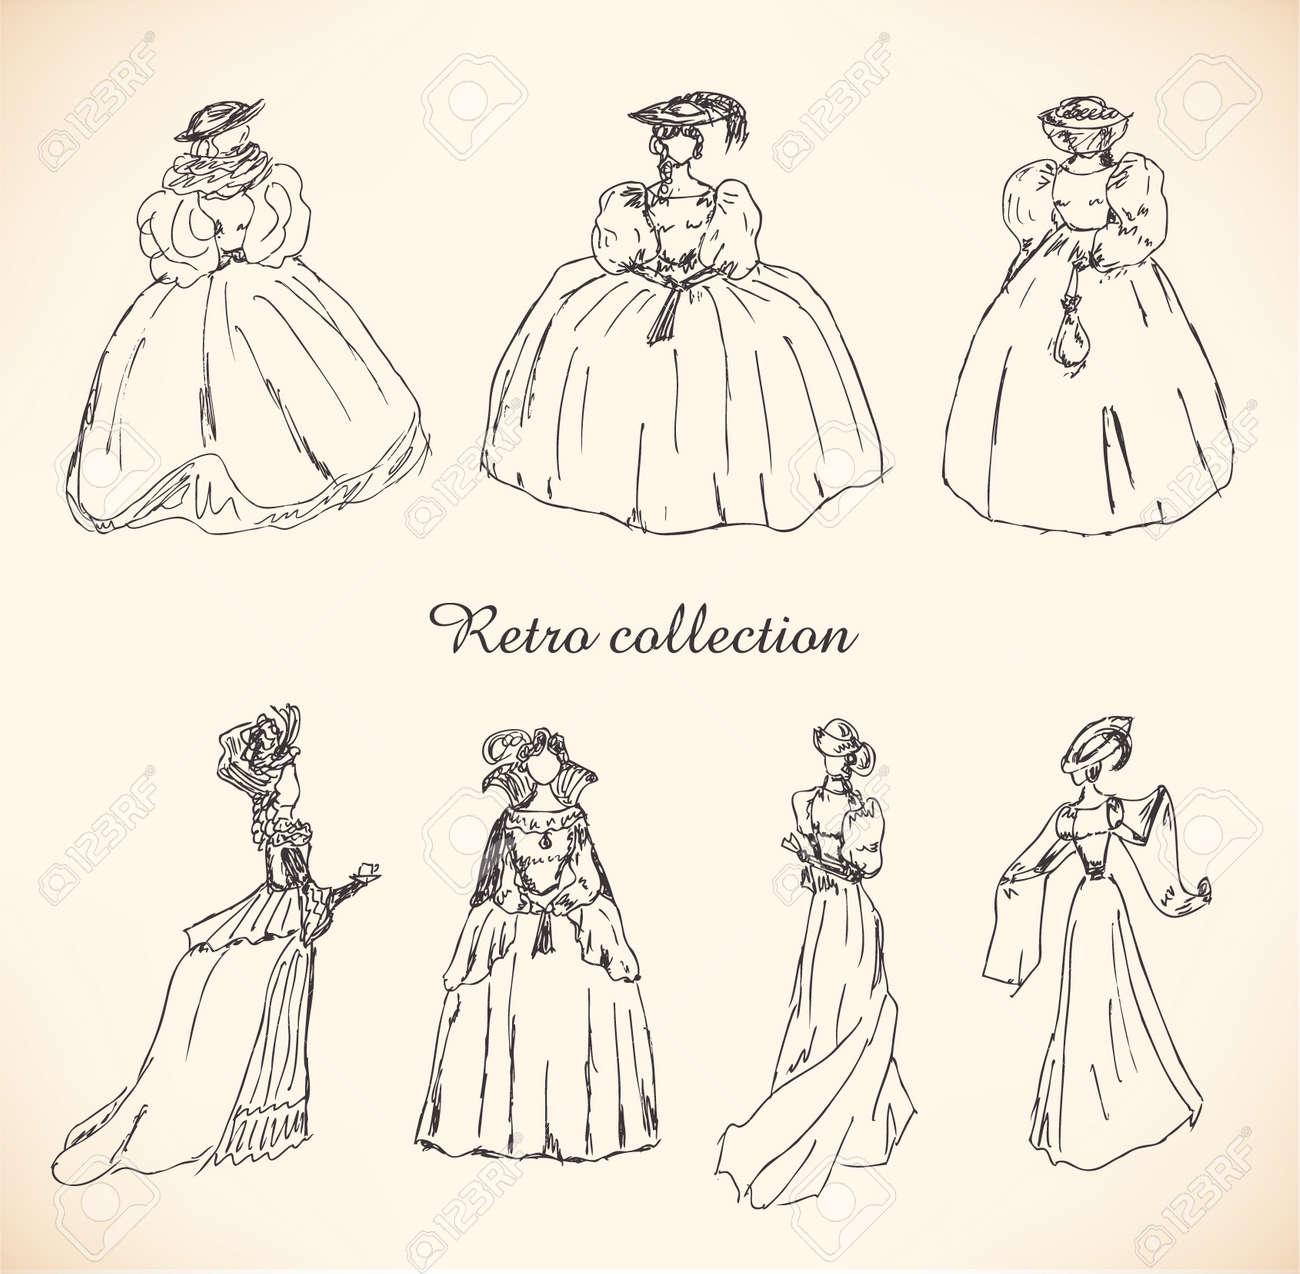 Conjunto De Bocetos De La Mujer En Ropa Retro Señoras En Vestidos De Bola Históricos Dibujado Colección De Siluetas De Mujeres Colección Dibujado A